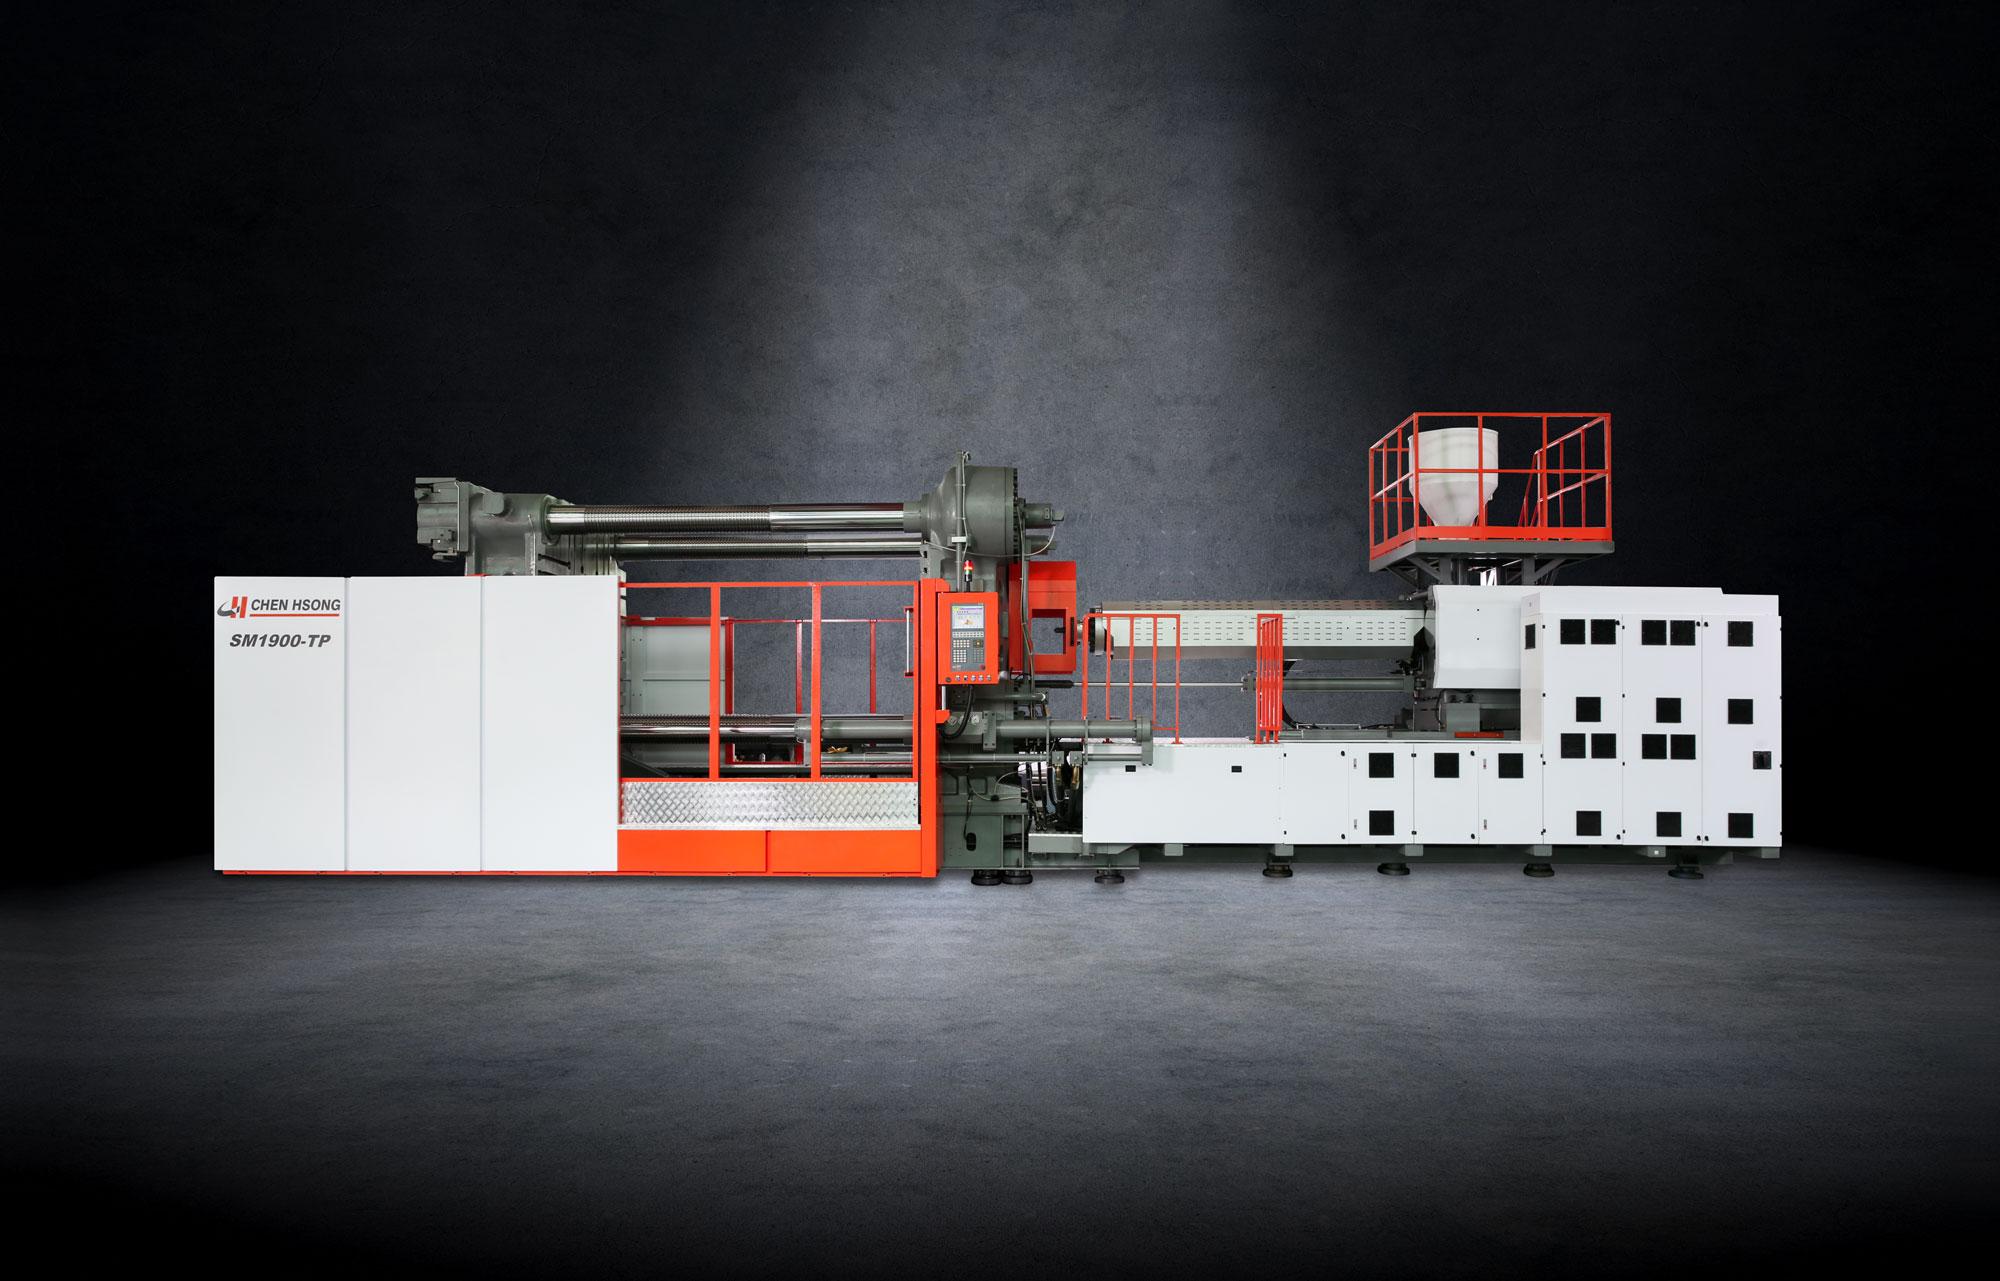 震雄注塑机中国 - 卓越两板技术 ; 源自日本三菱的黑科技 TP